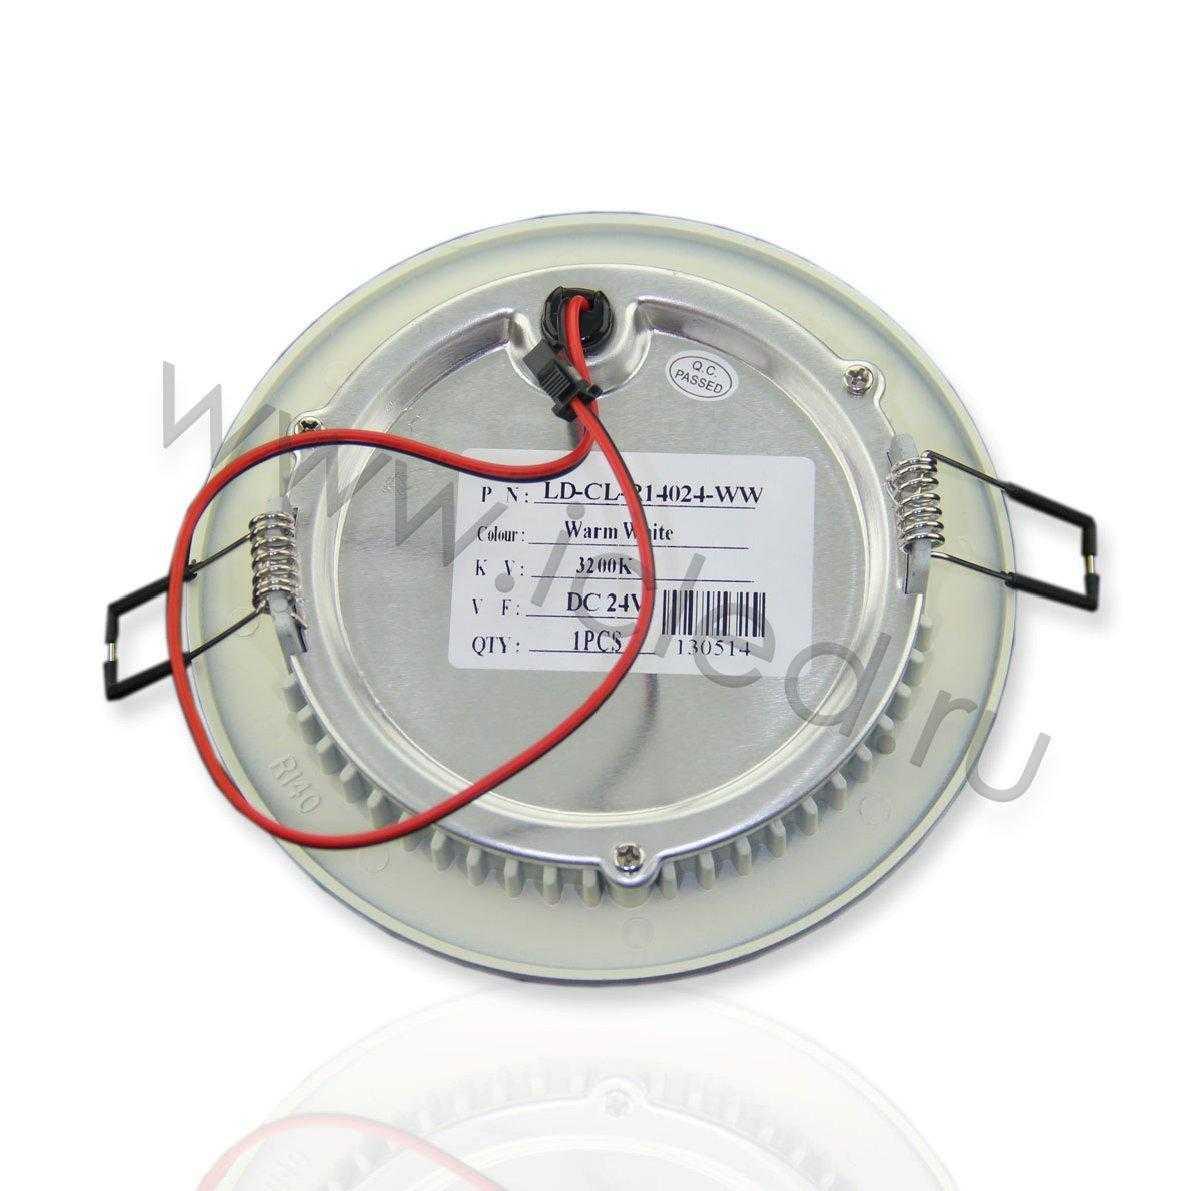 Светодиодный светильник потолочный IC-RW D140 (5,5W, Warm White)